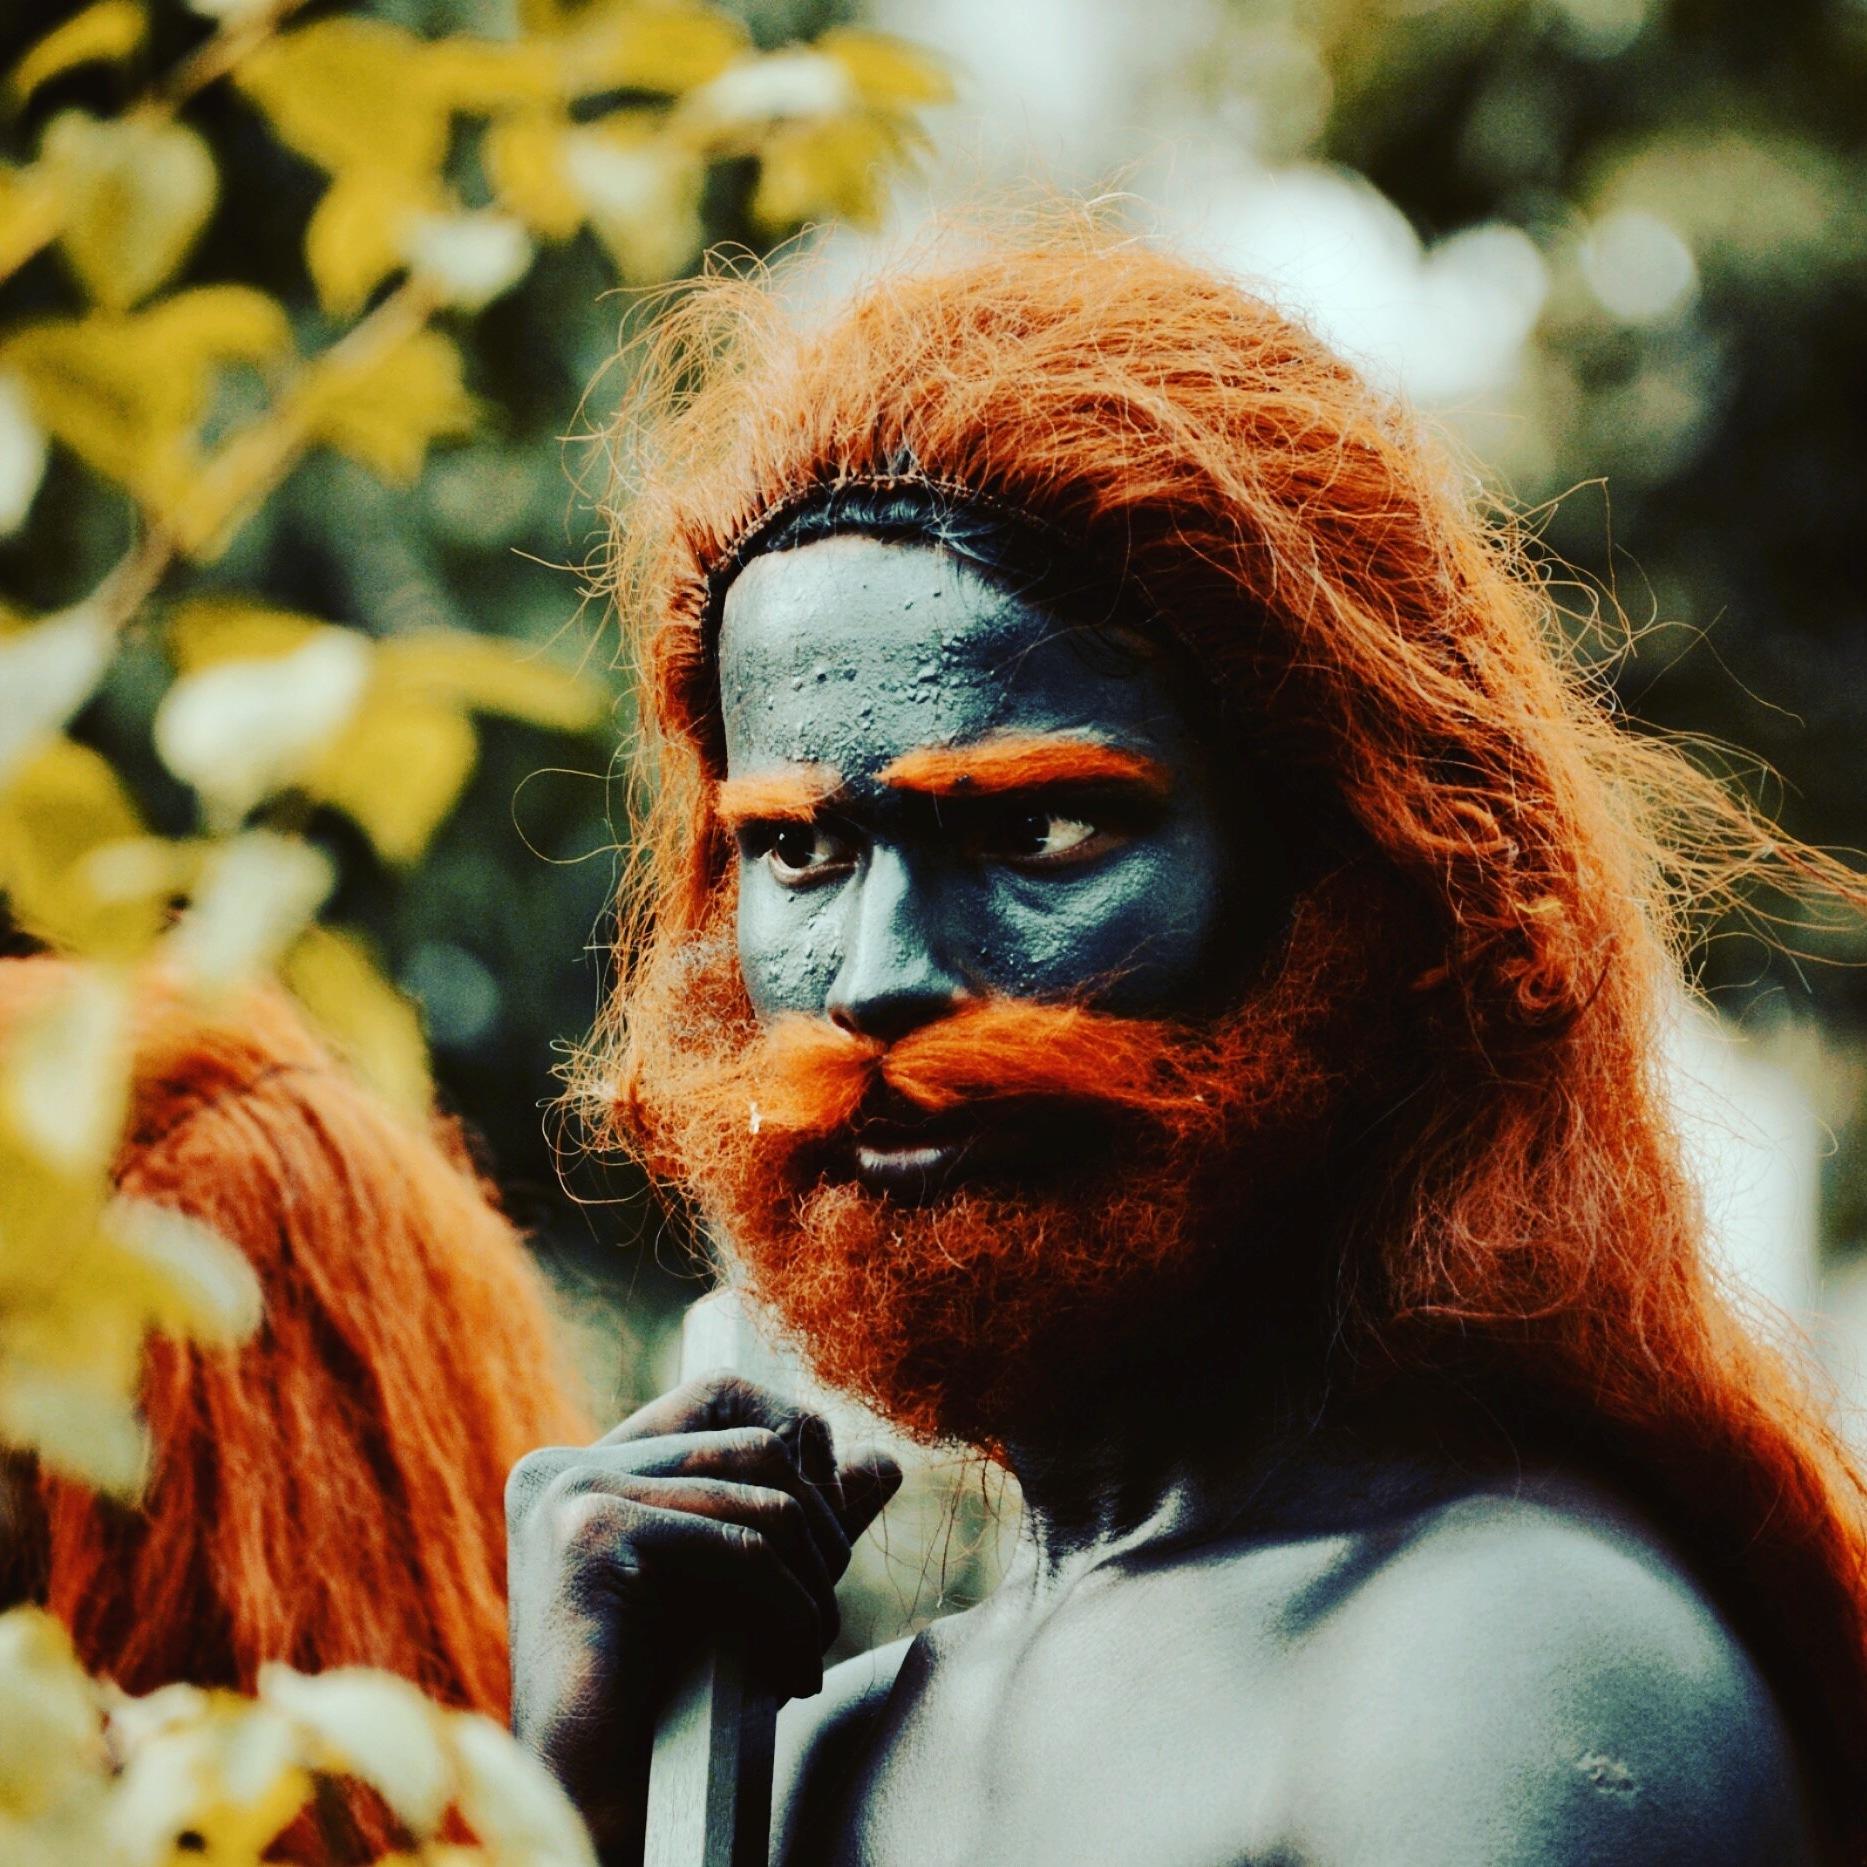 Mask by Pronay Kr Chattoraj